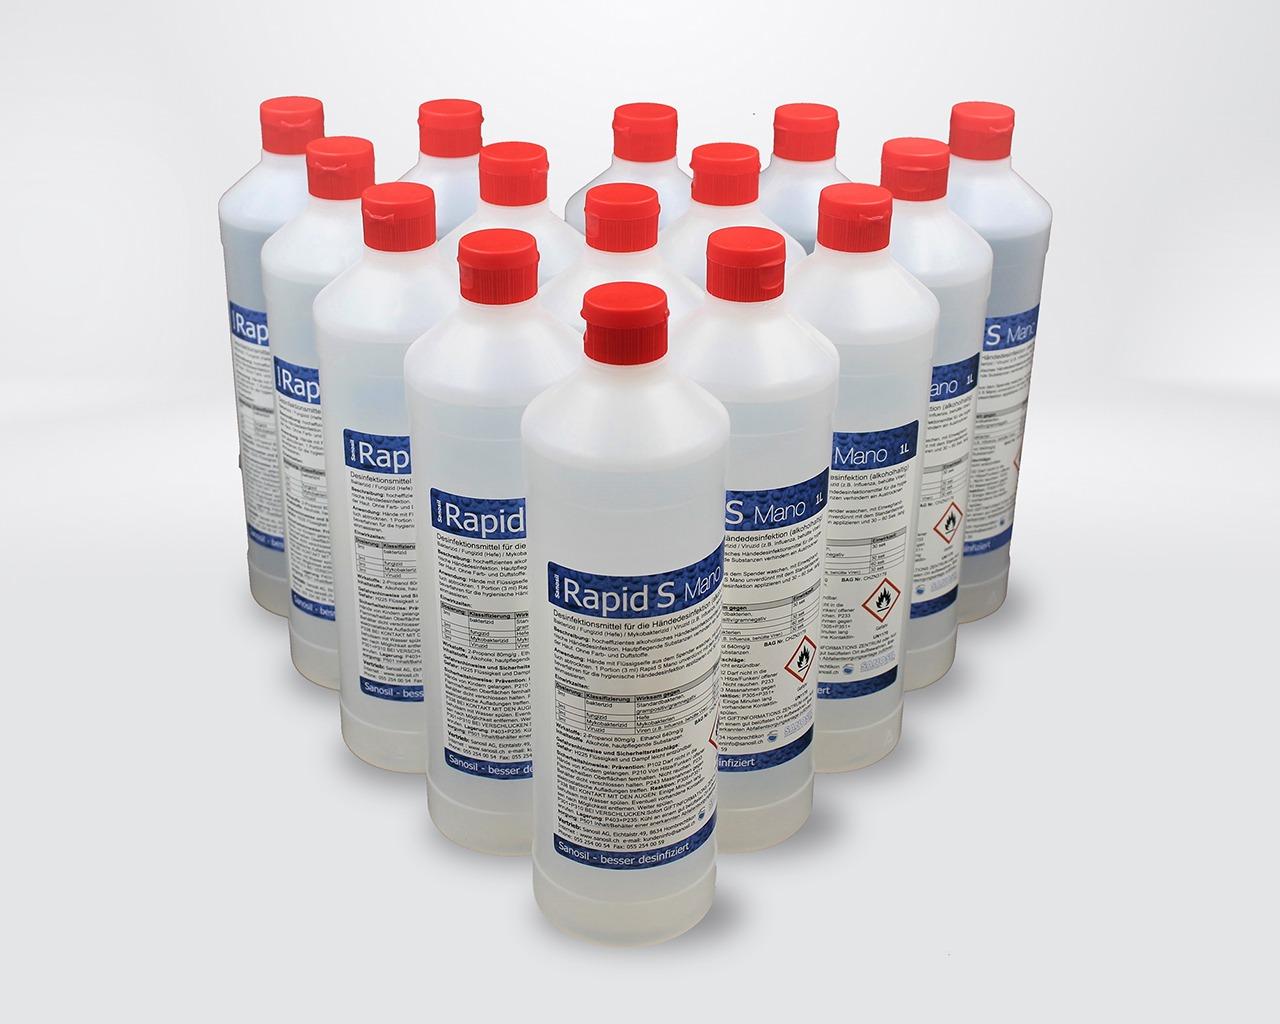 RapidS Mano Universalflasche 15 x 1L